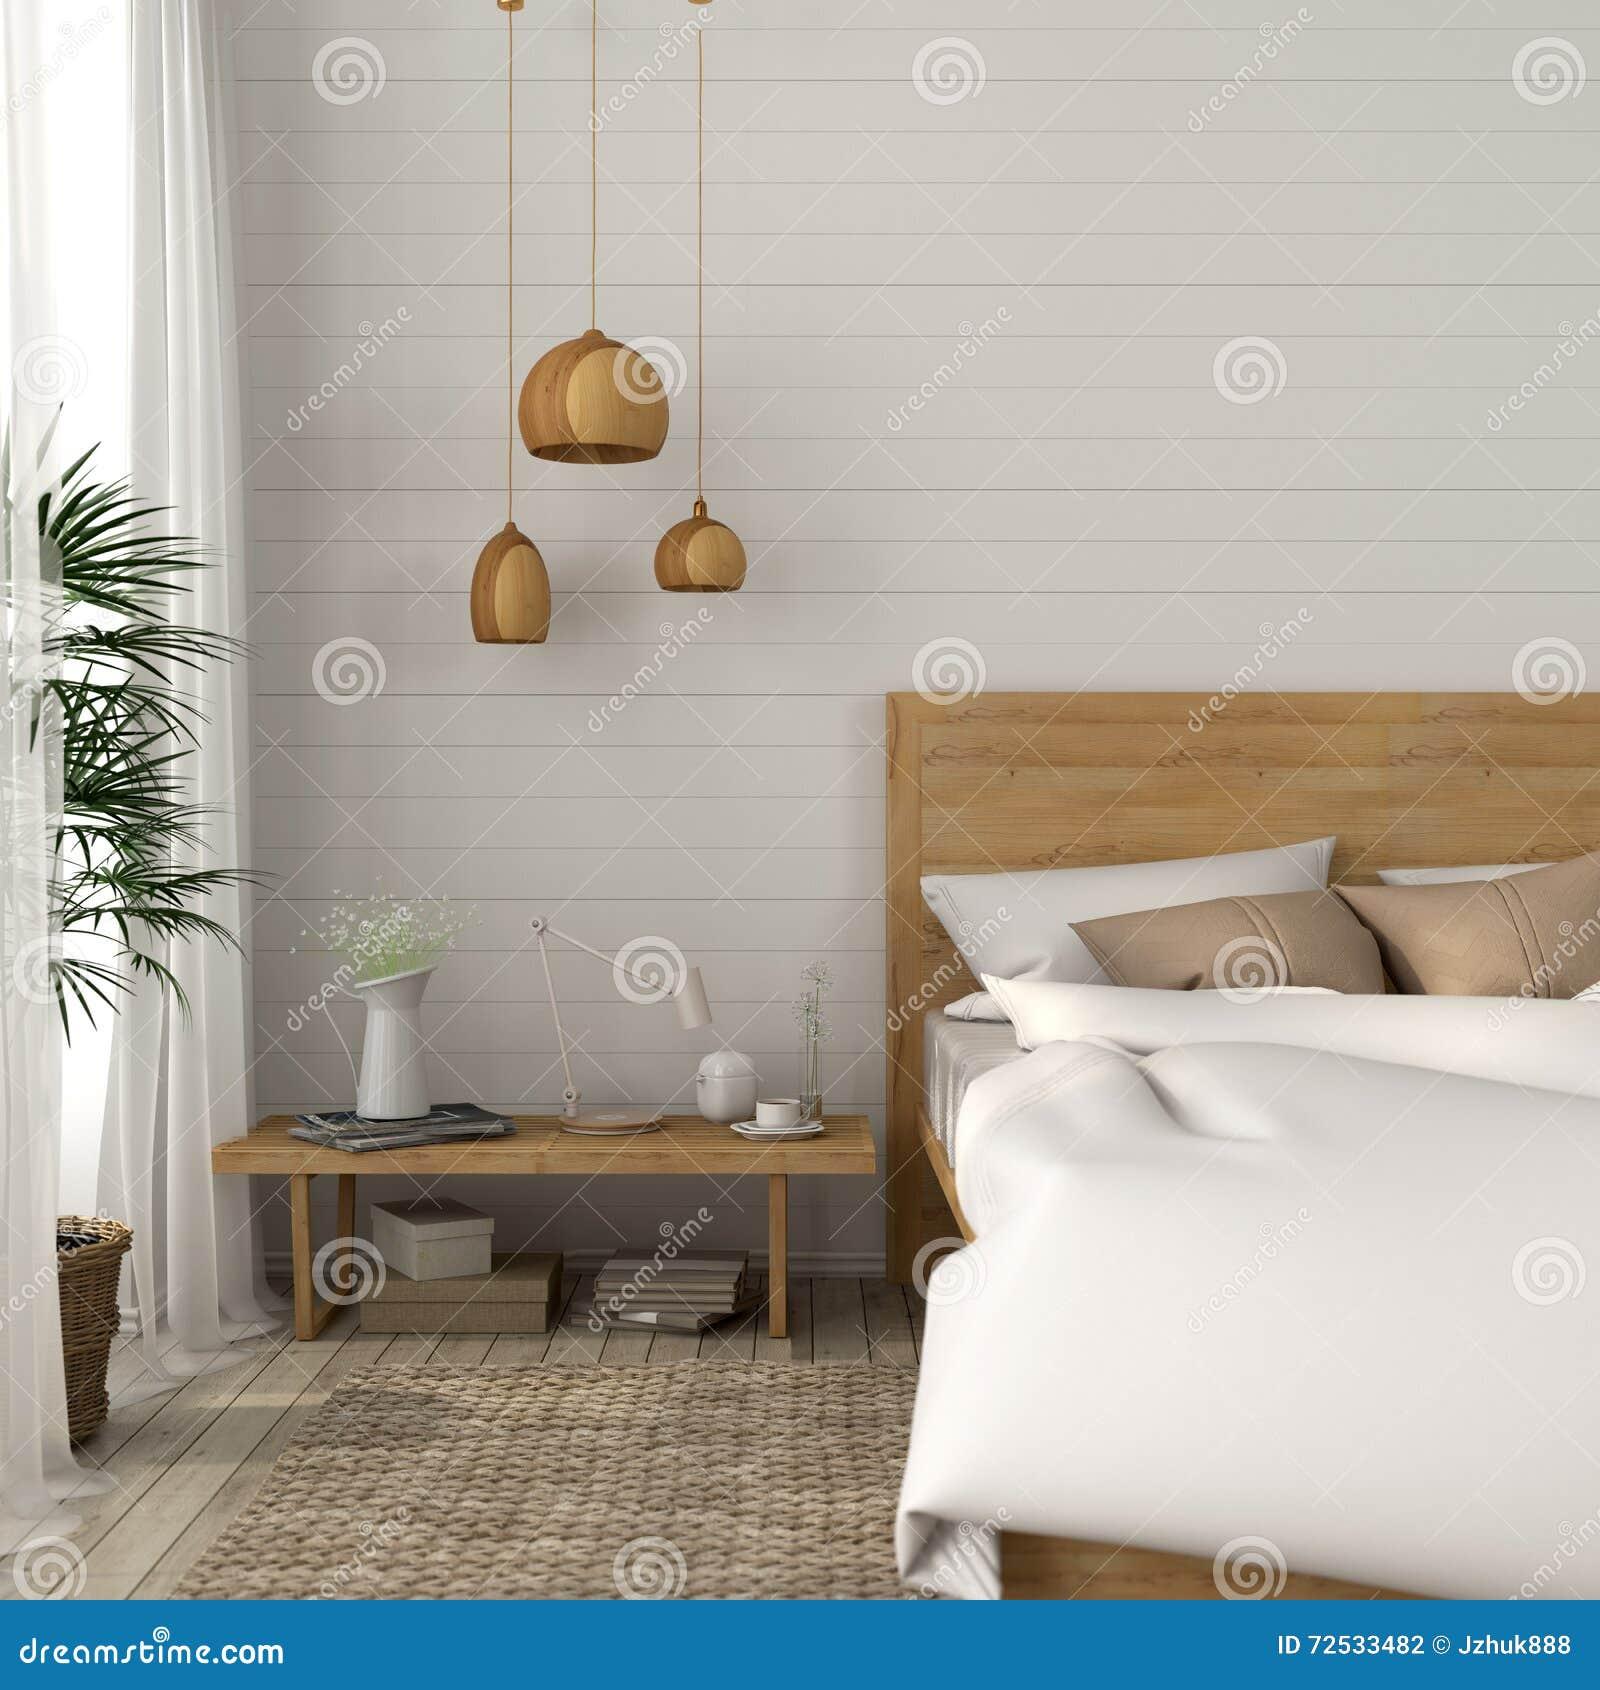 Κρεβατοκάμαρα με ελαφριοί μπεζ τόνοι Στοκ Εικόνες - εικόνα από ... ec081104626